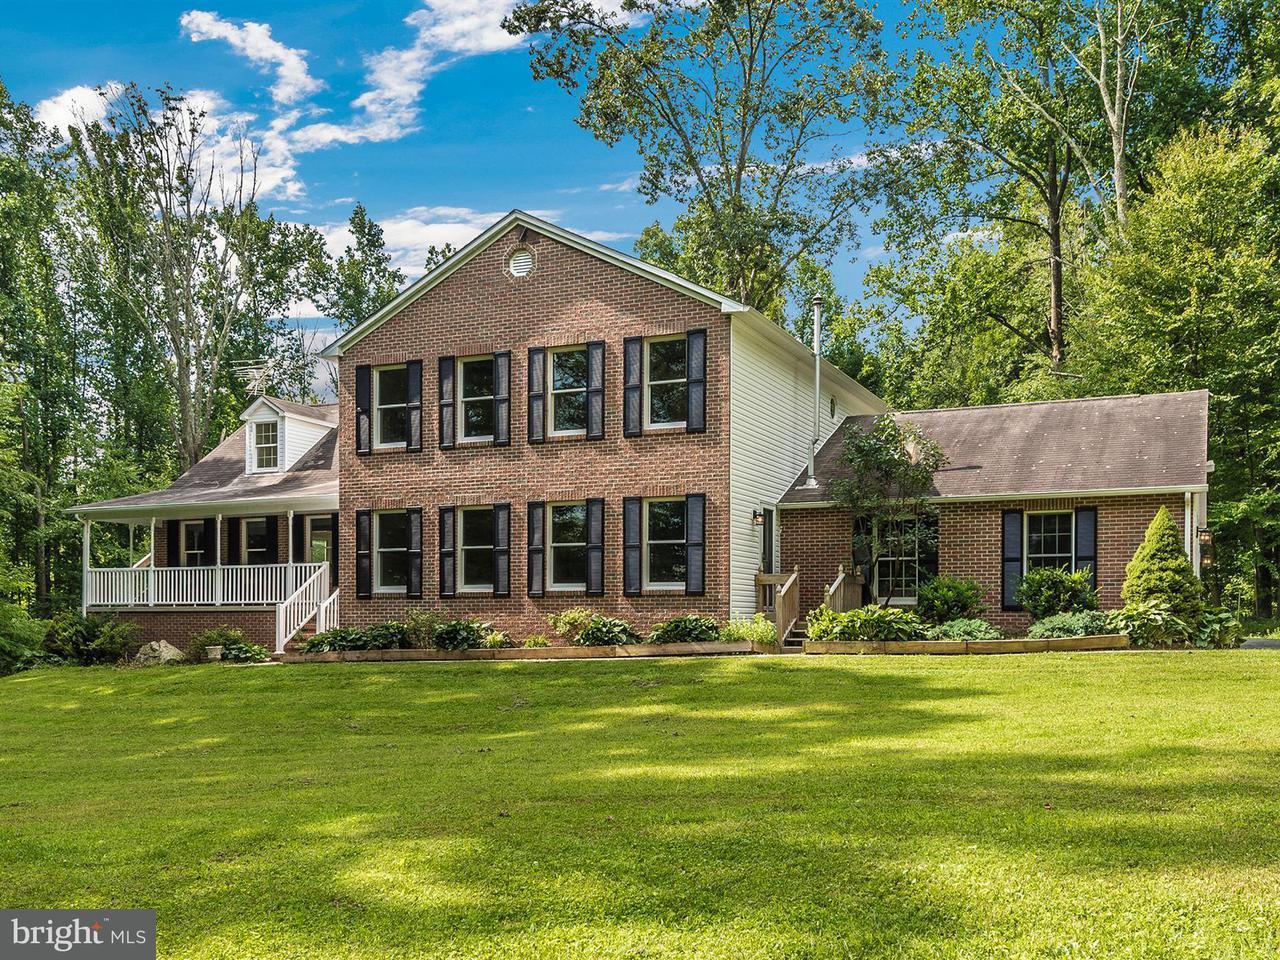 단독 가정 주택 용 매매 에 13707 JOHN KLINE Road 13707 JOHN KLINE Road Smithsburg, 메릴랜드 21783 미국